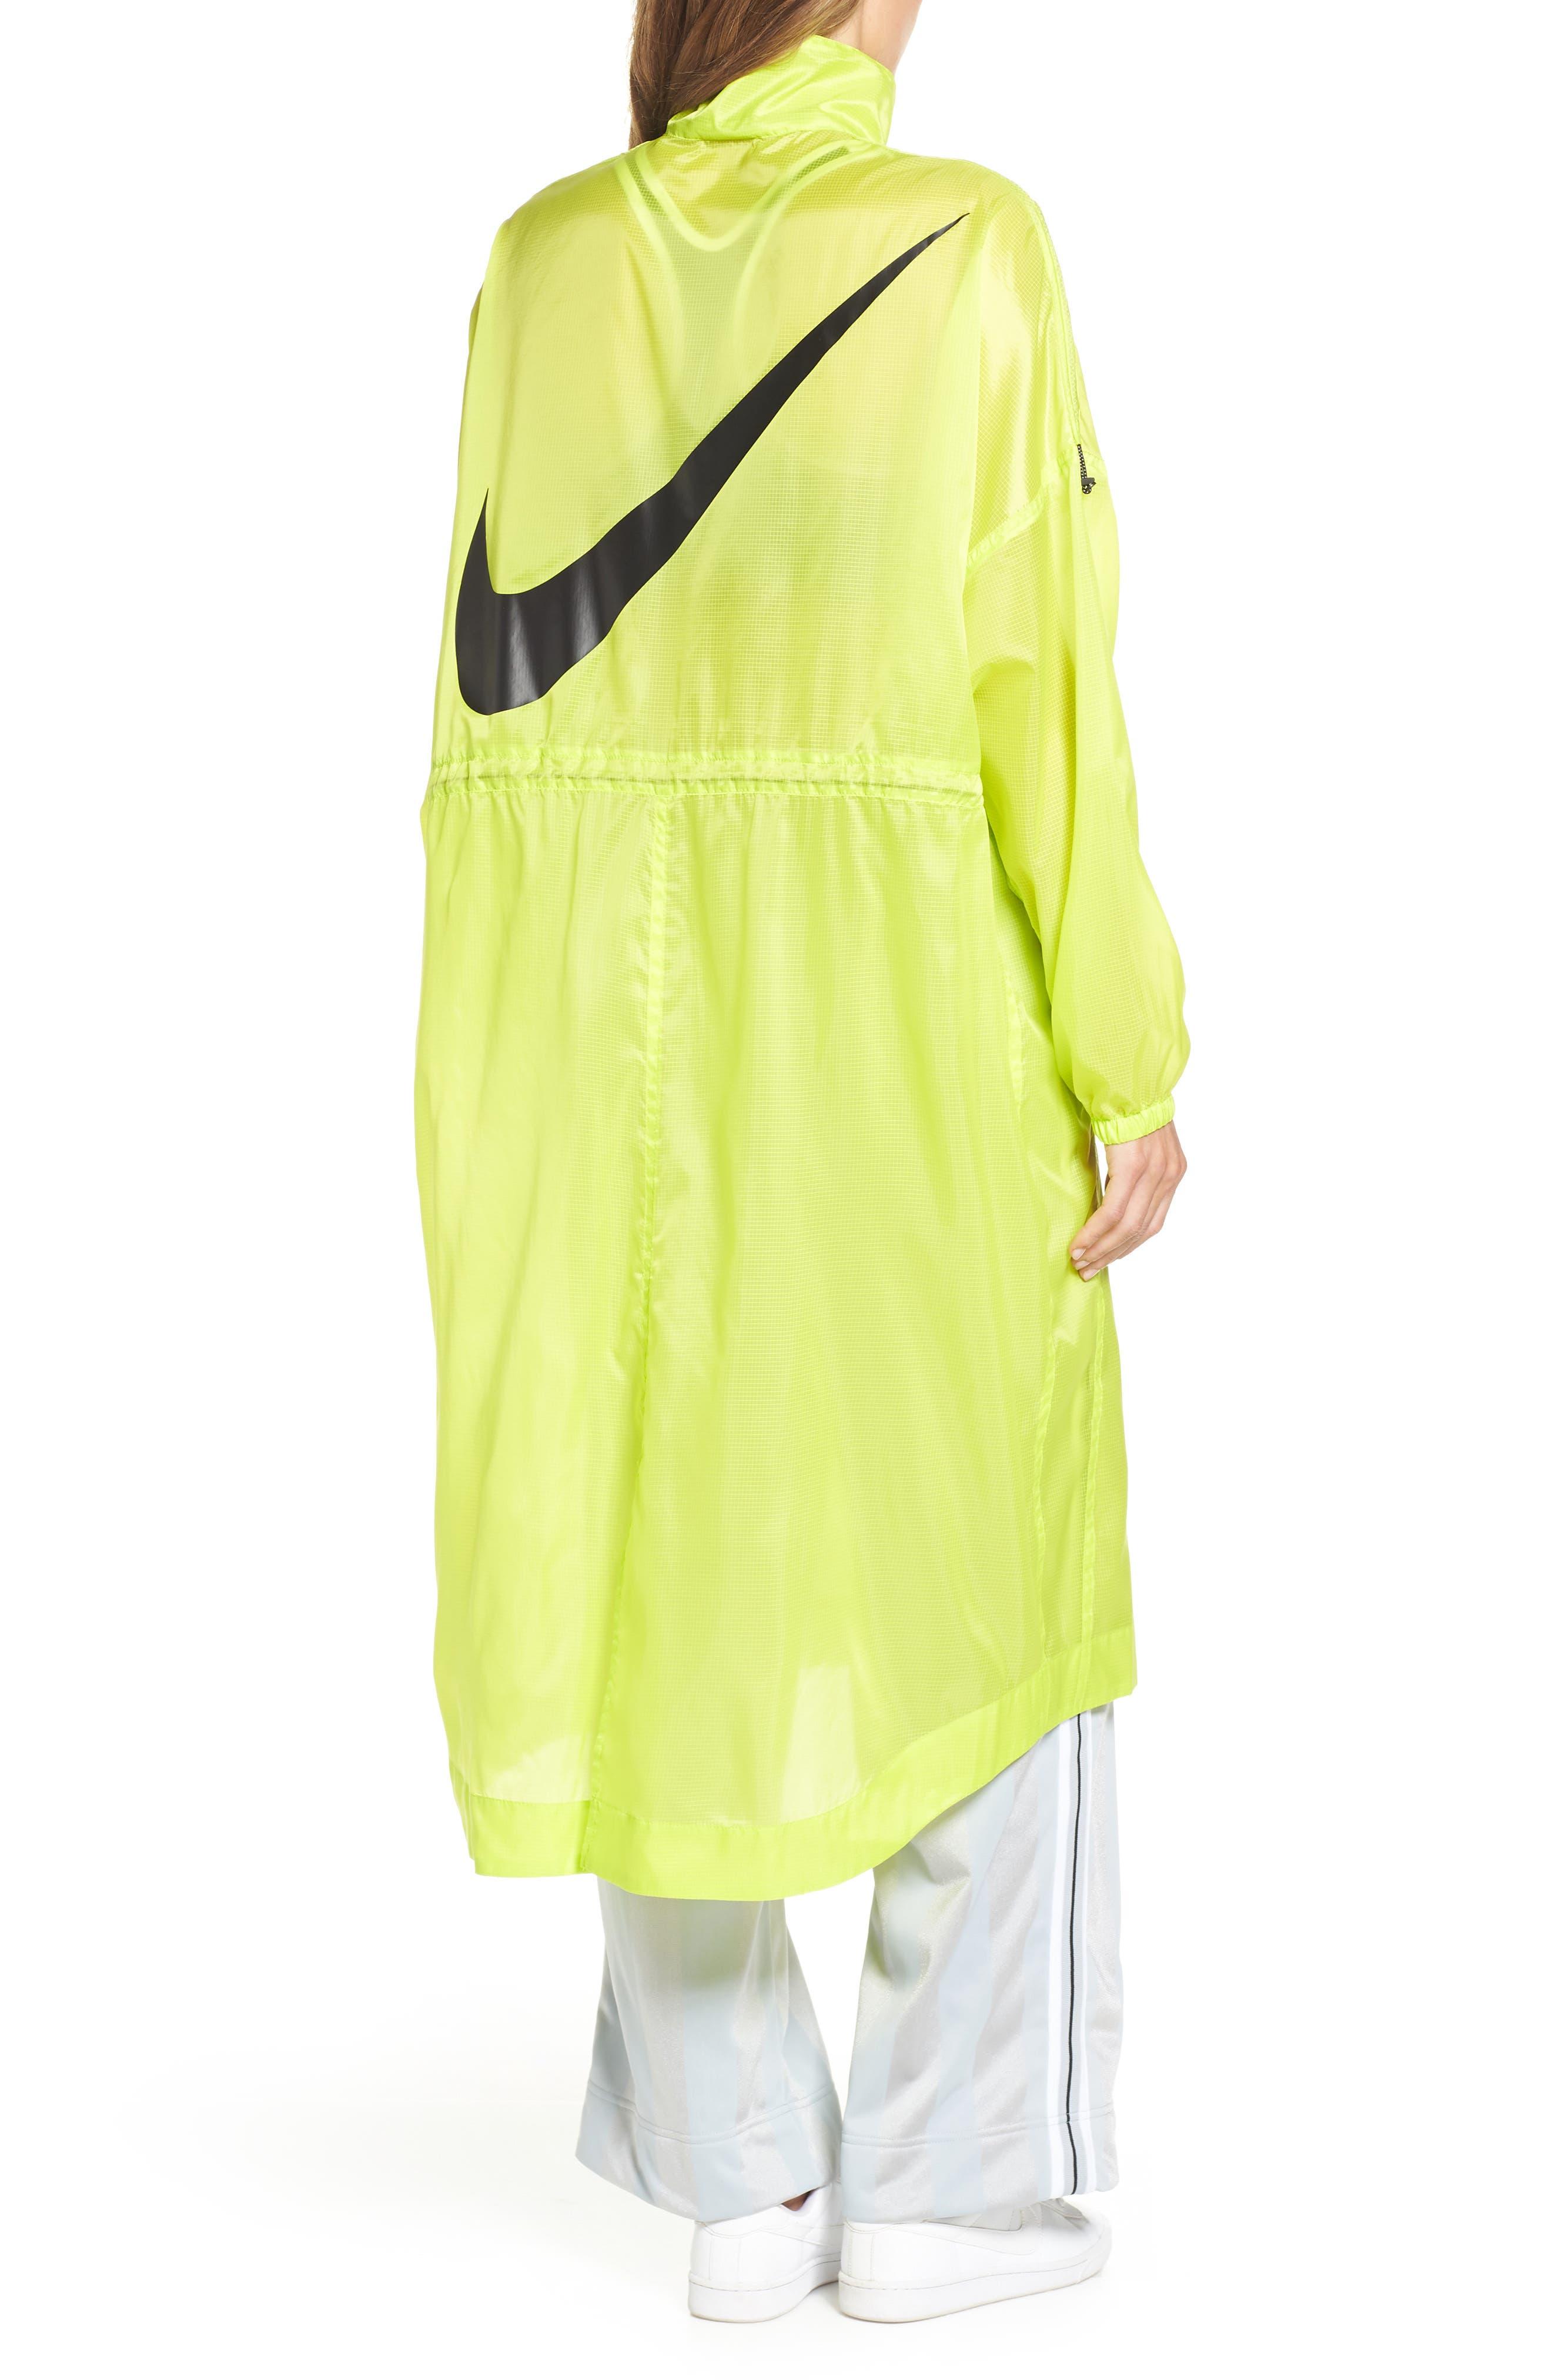 NIKE,                             Sportswear Women's Woven Jacket,                             Alternate thumbnail 2, color,                             CYBER/ BLACK